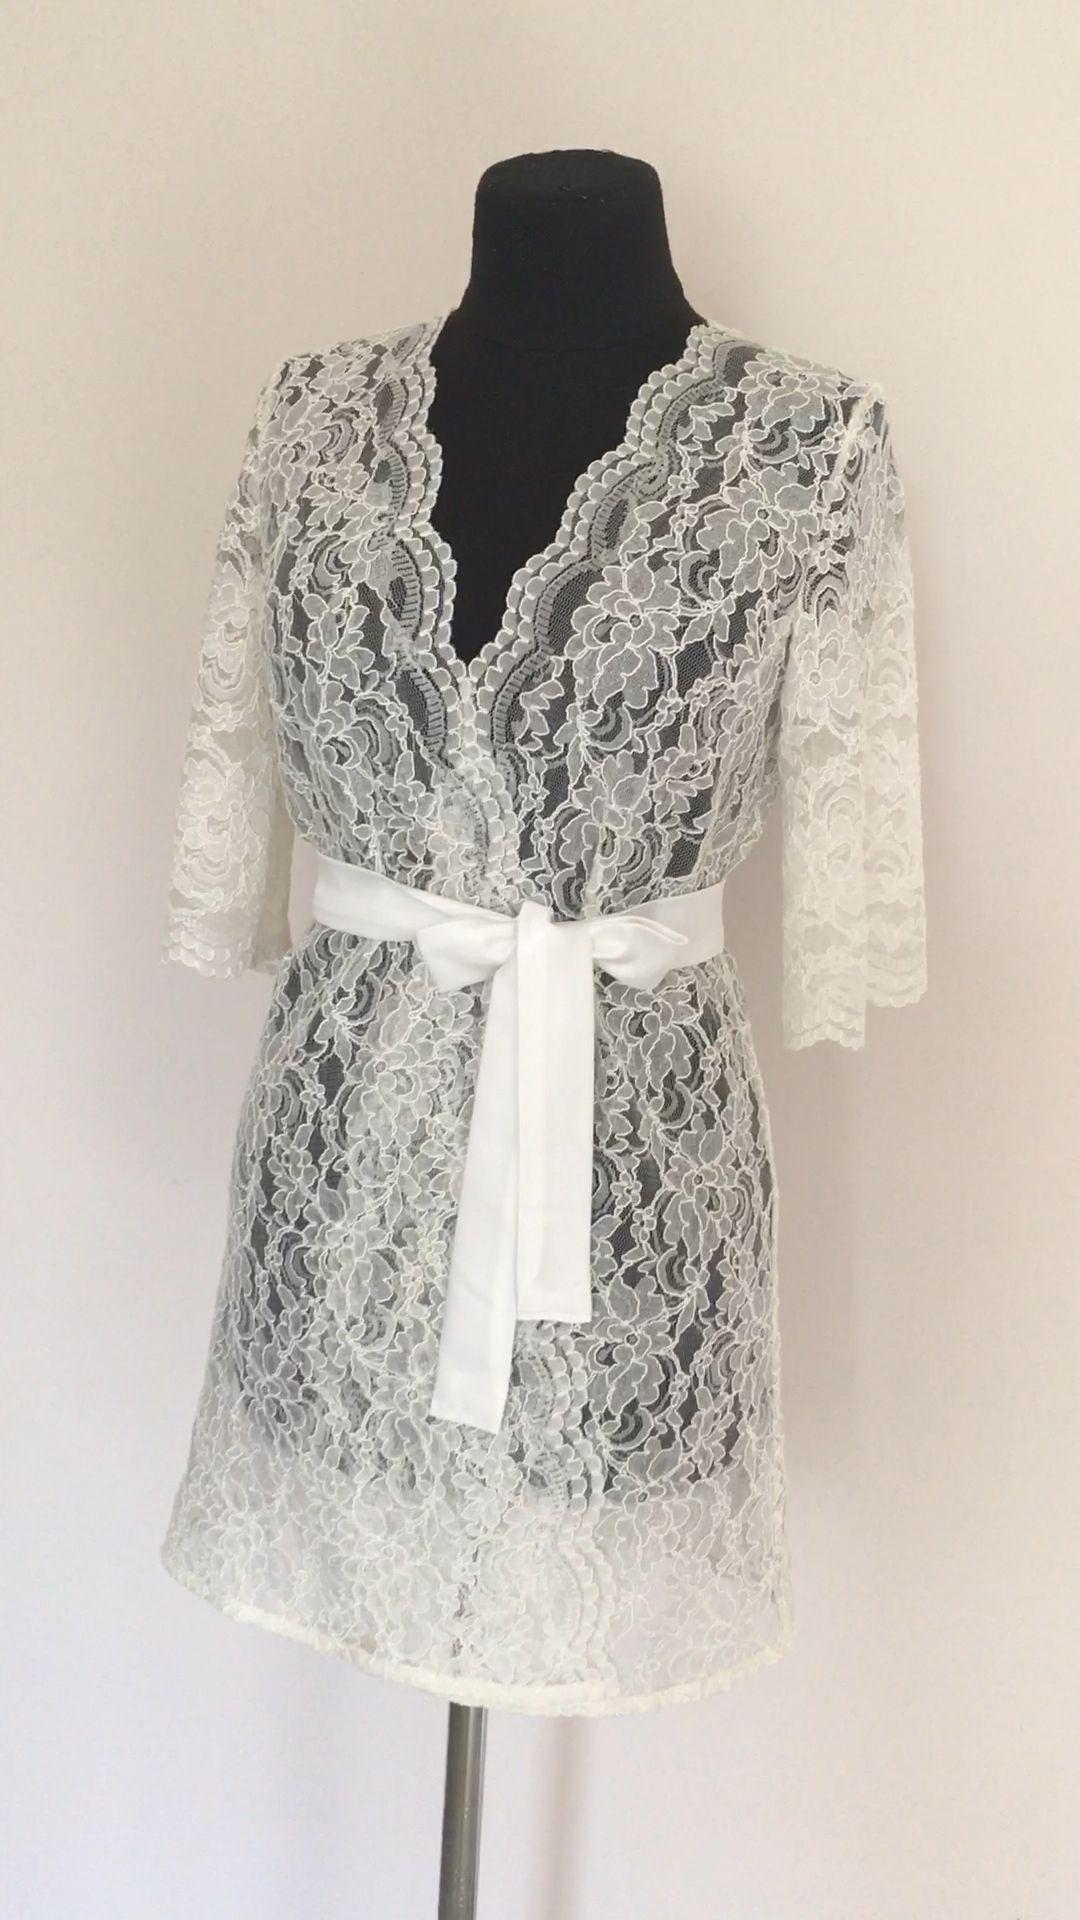 Ivory lace robe lace bridal robe lace wedding dress ivory | Etsy -   19 lace dress 2019 ideas